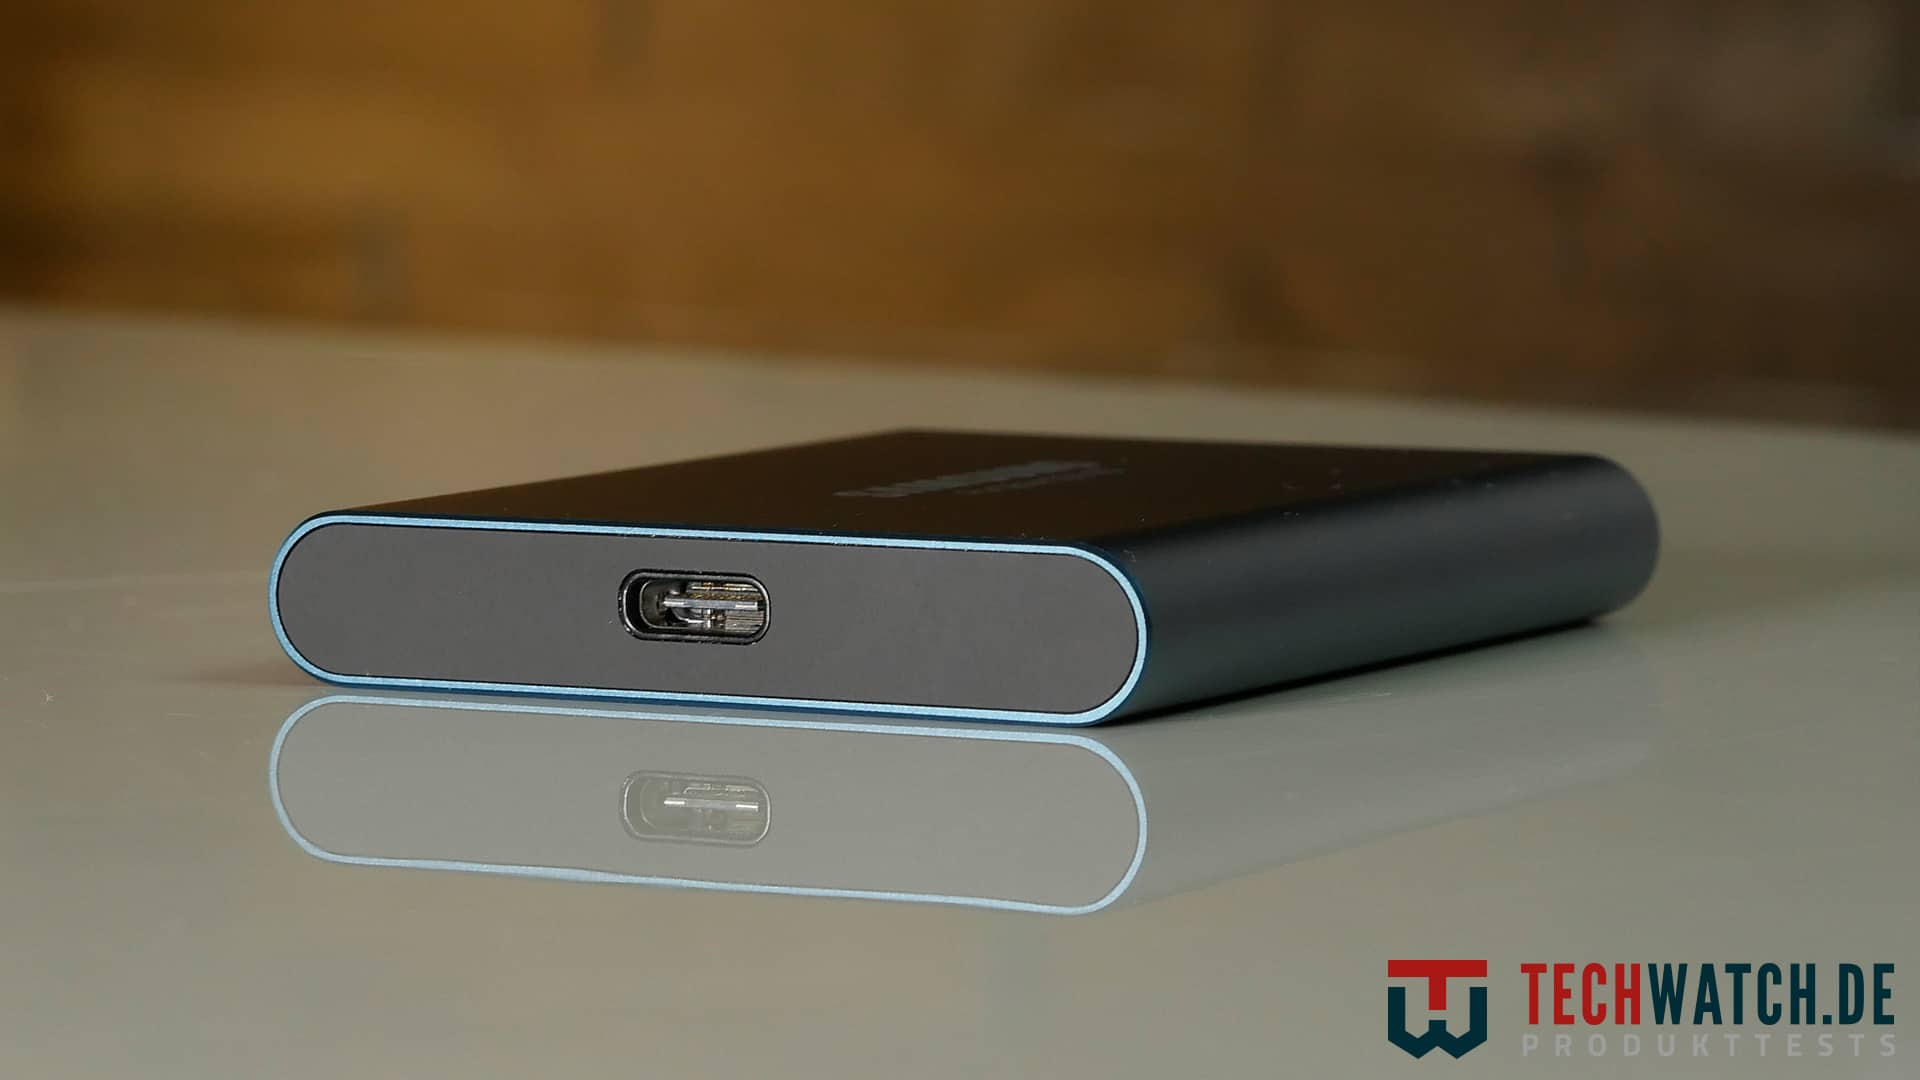 Samsung Portable SSD T5 Anschluss